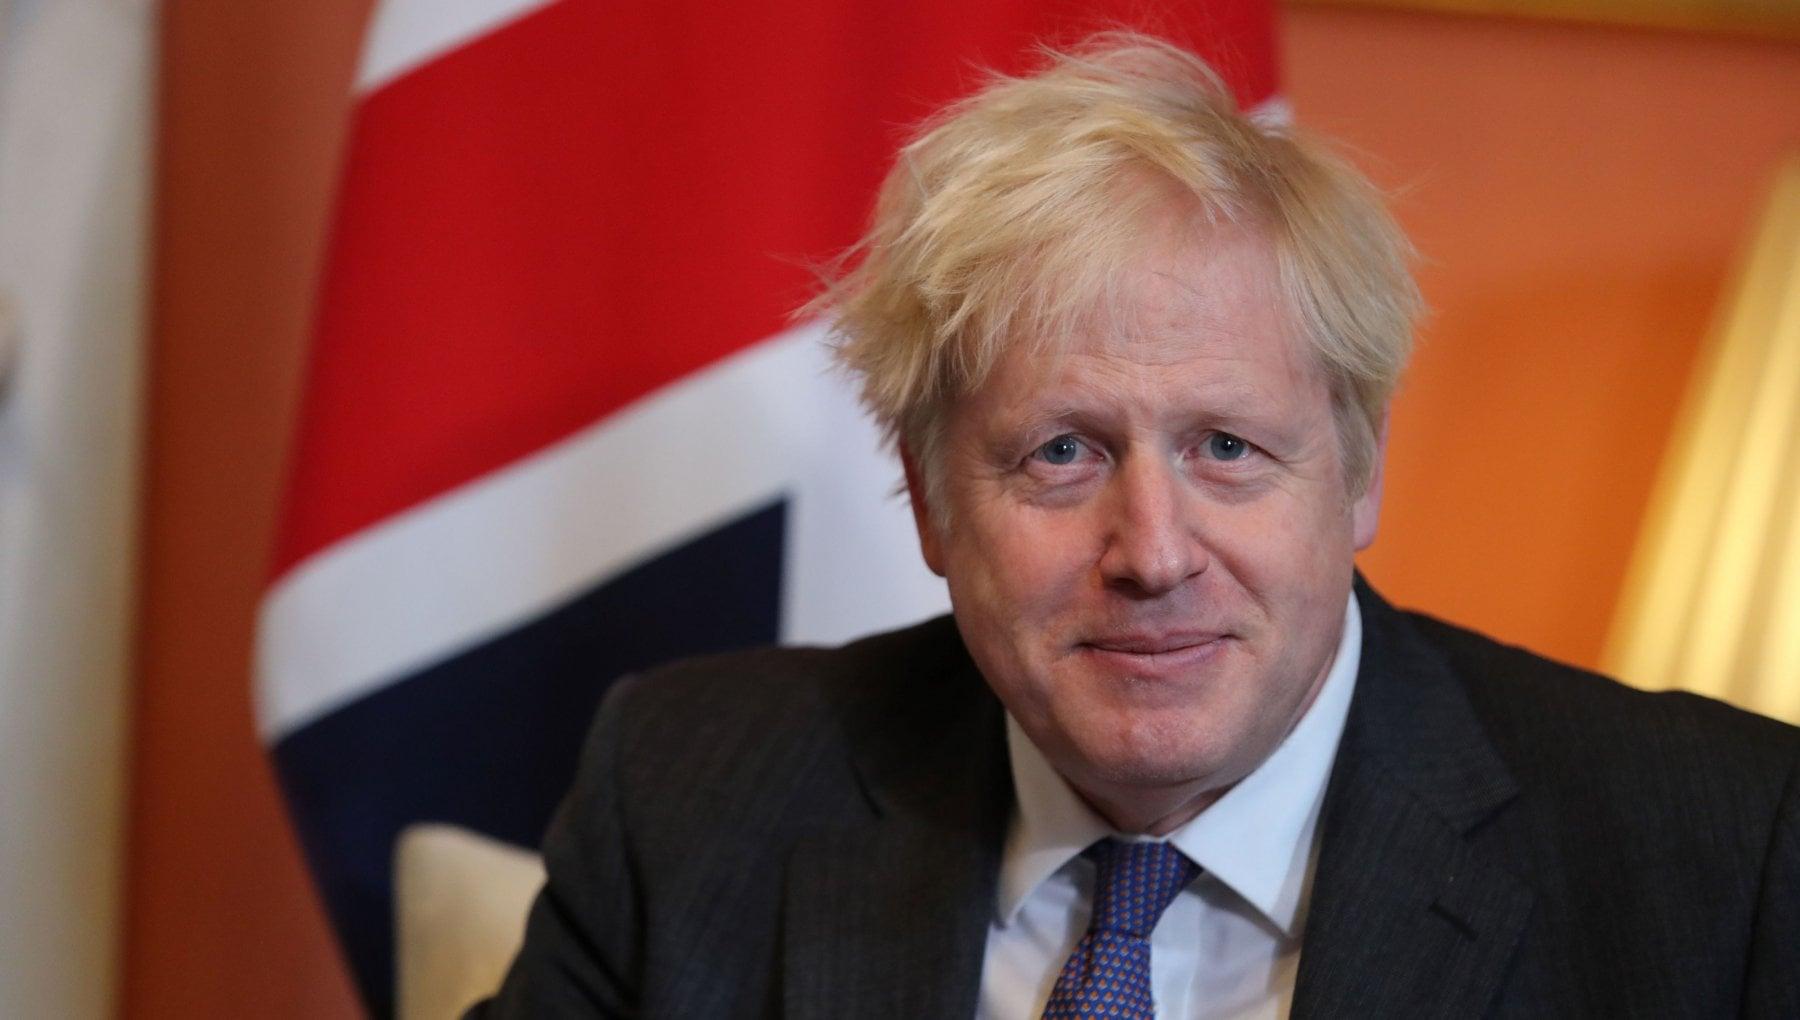 Brexit Europa e Regno Unito si preparano al no deal pronti i piani di emergenza